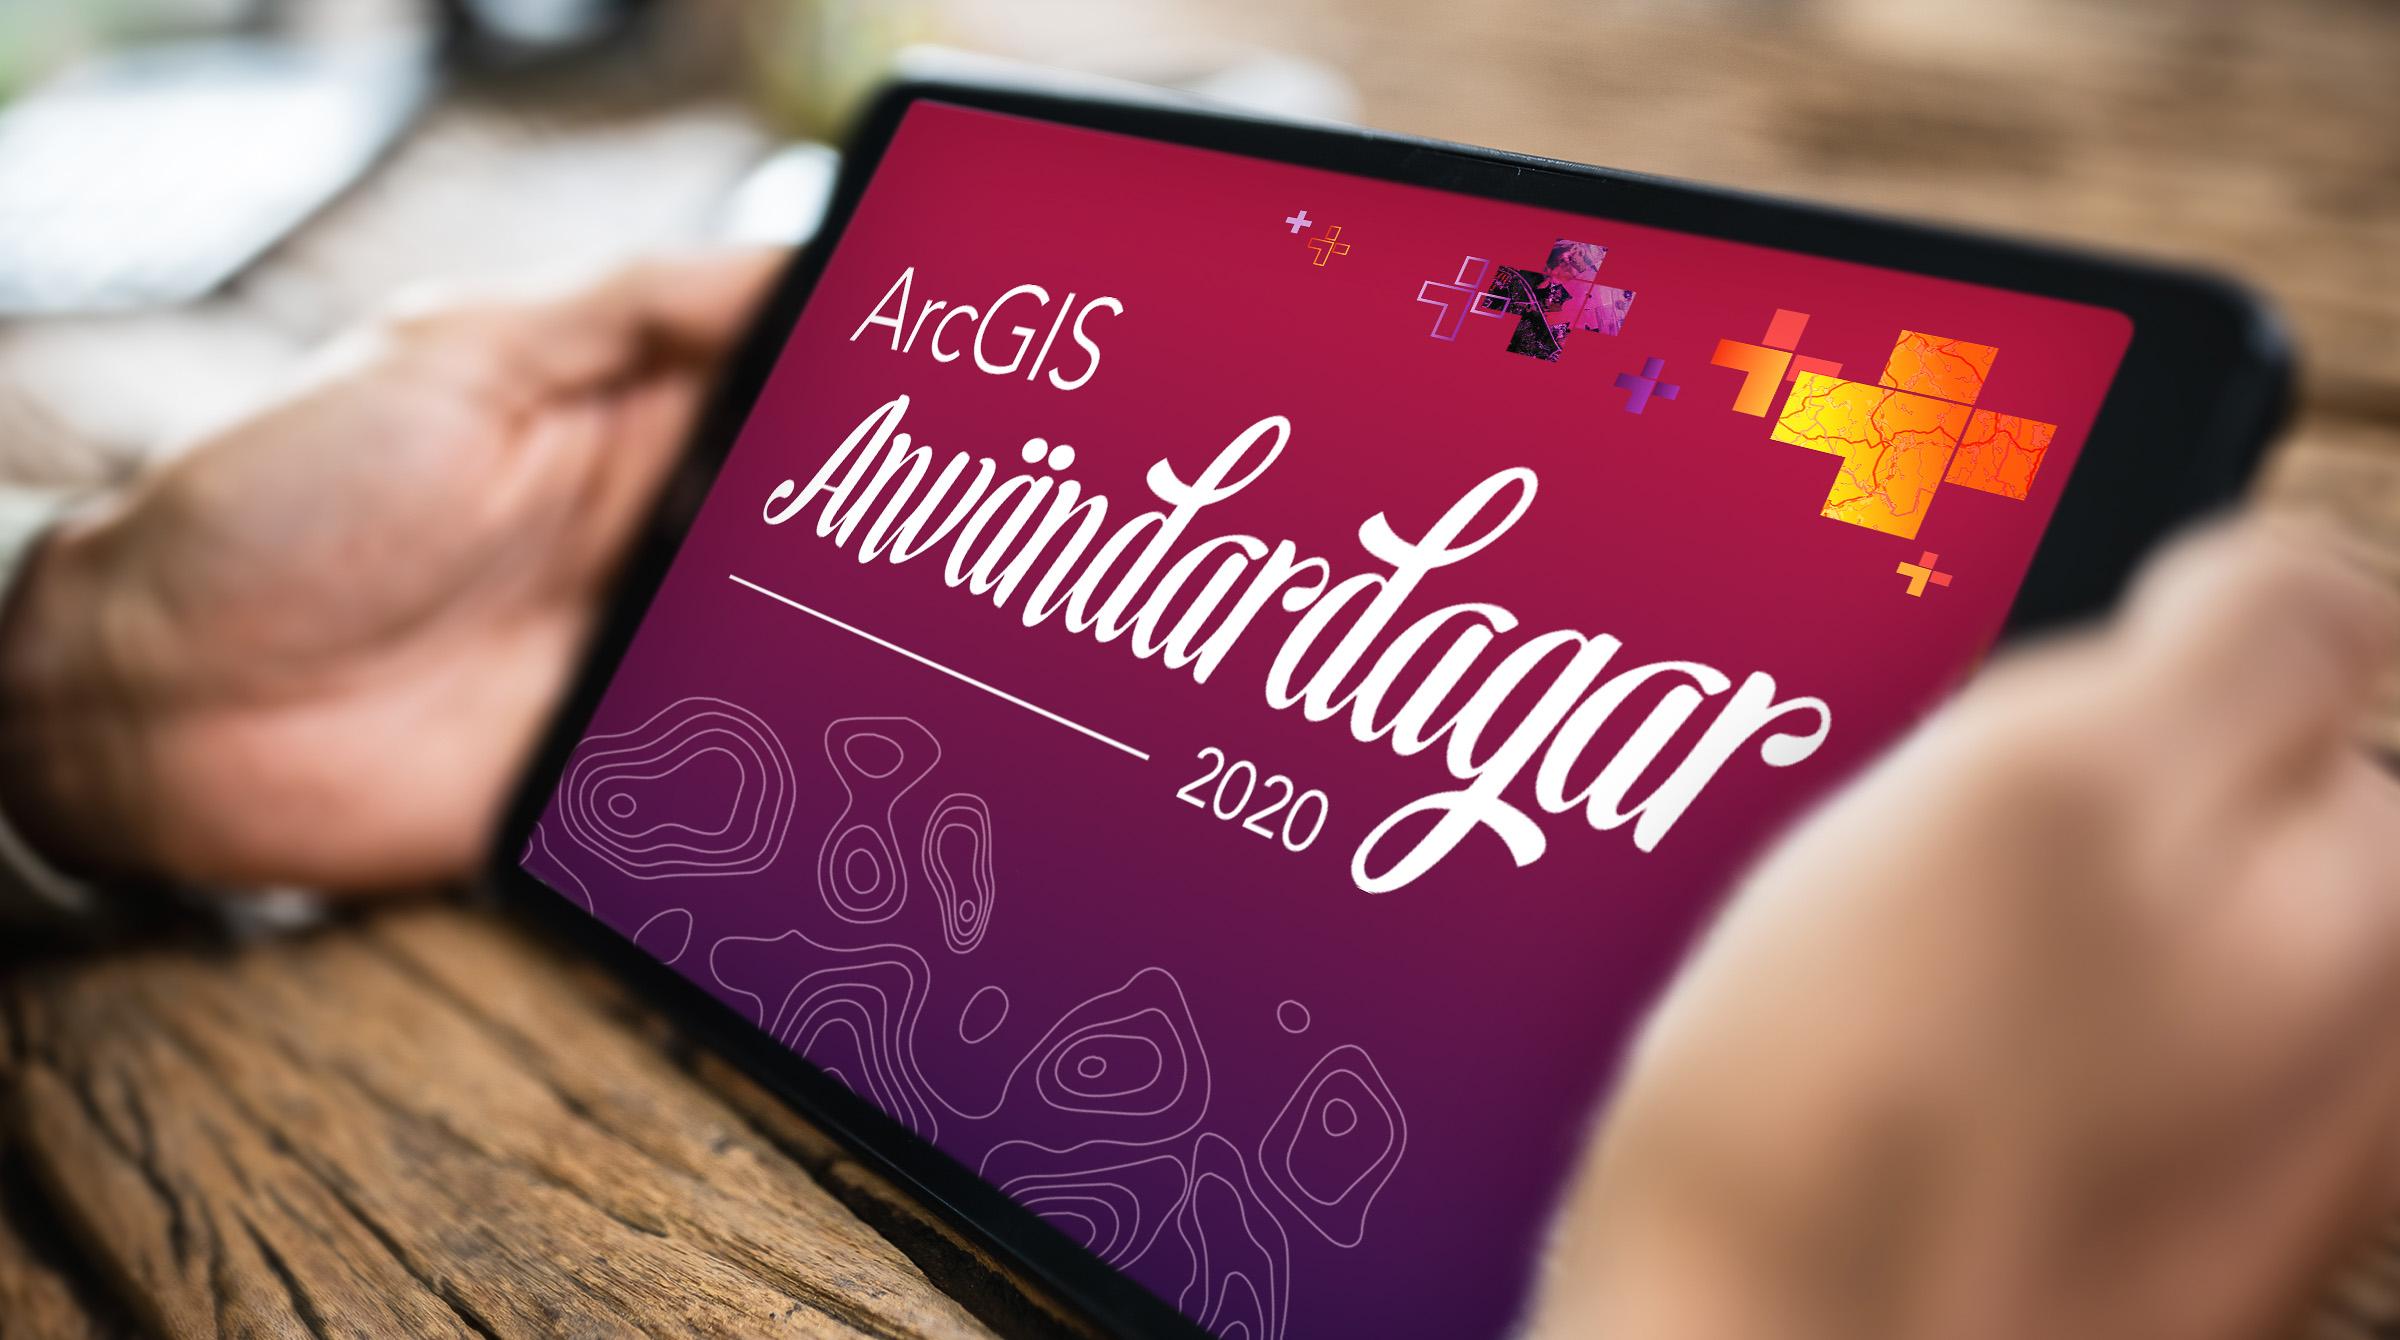 Titta på ArcGIS Användardagar 2020